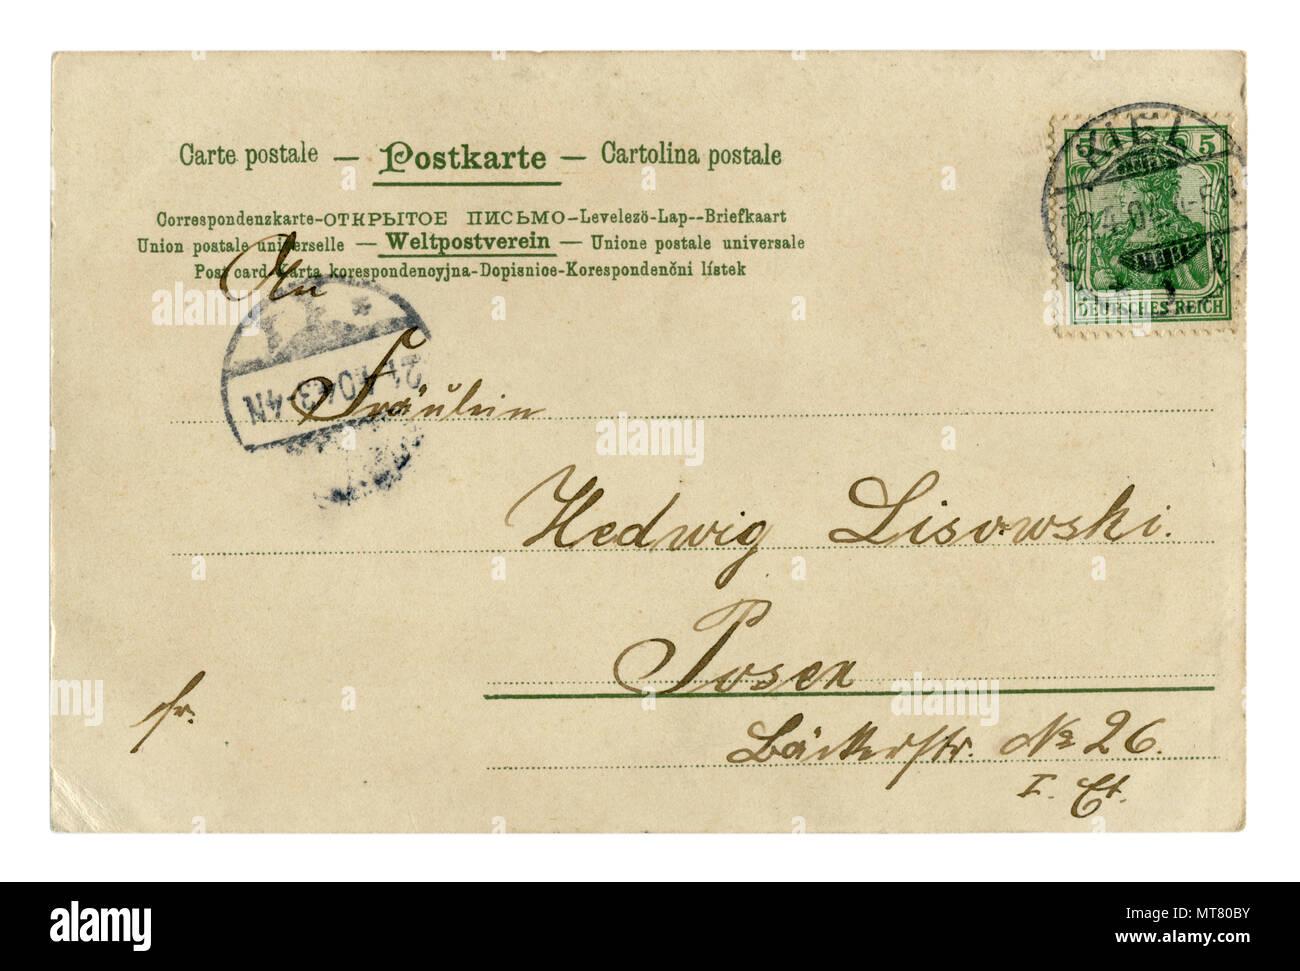 Parte posterior de la postal alemán histórico (MT80B7) carta escrita en tinta negra, con matasellos quilla, sello verde, 1904, Schleswig-Holstein, Alemania Foto de stock